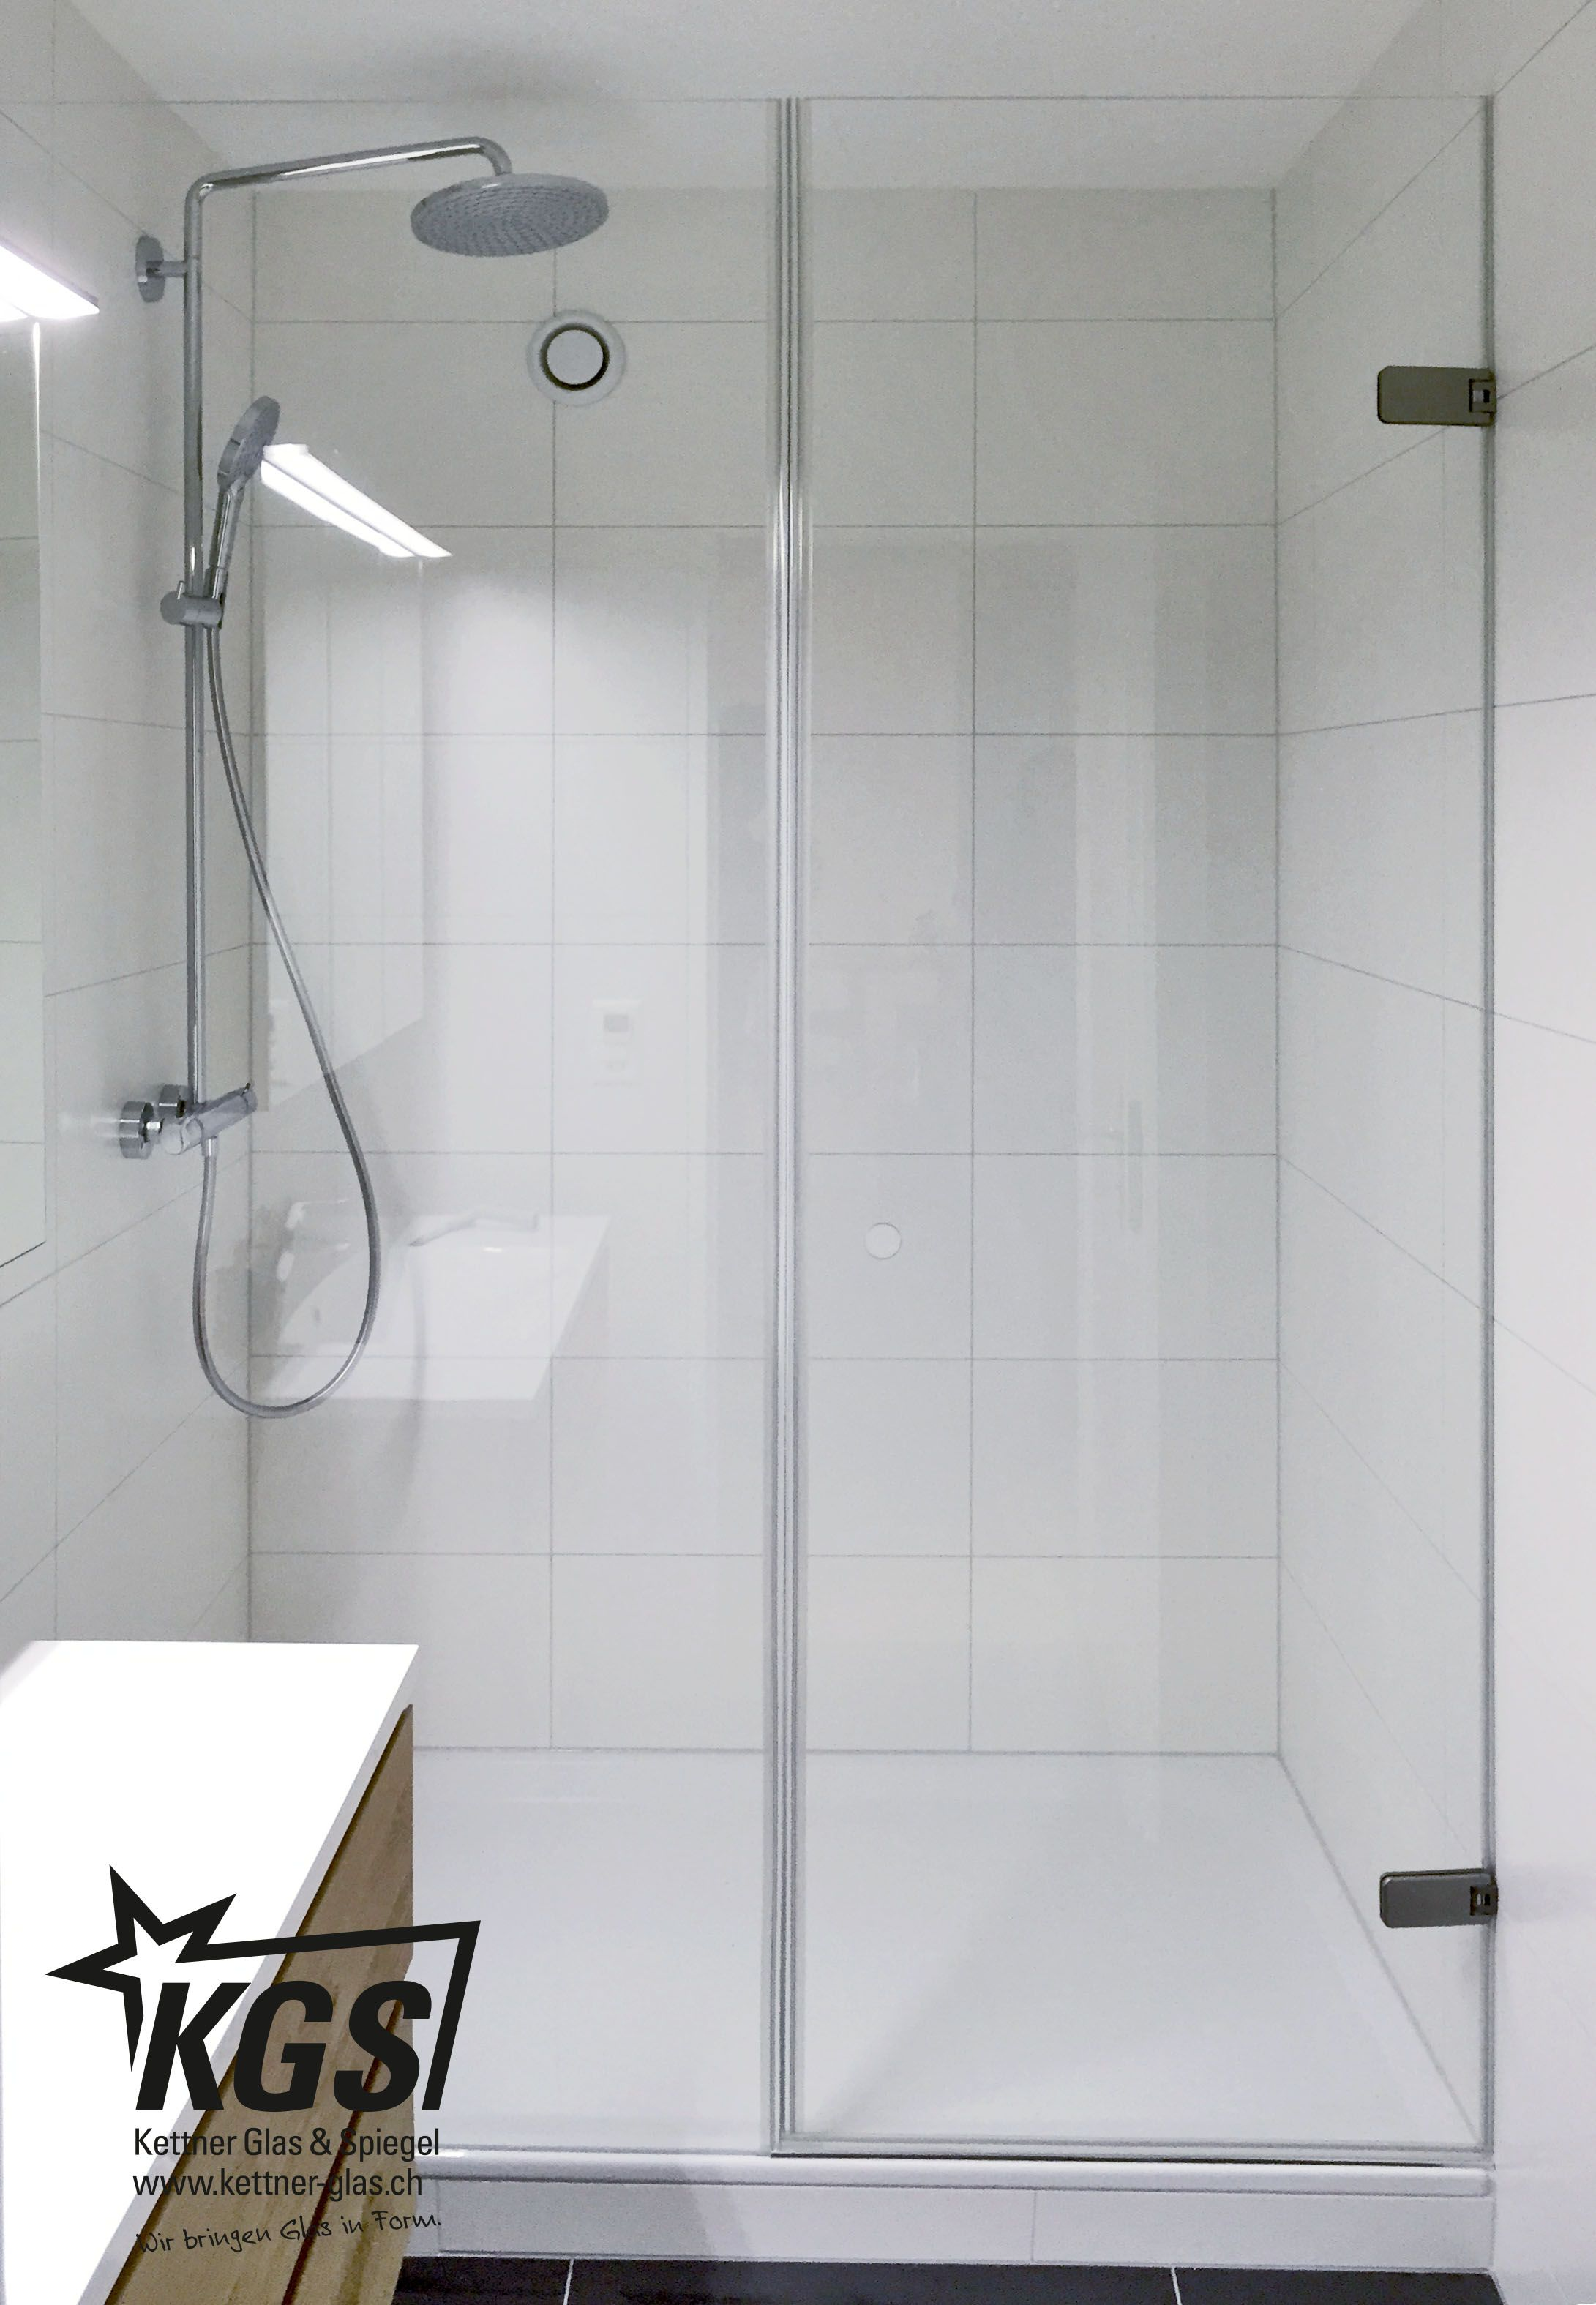 Badezimmer Mit Ganzglas Dusche Als Nischenlosung Umgesetzt Mit Magnetdichtungen Und Rahmenloser Befestigung Dusche Duschkabine Glas Duschkabine